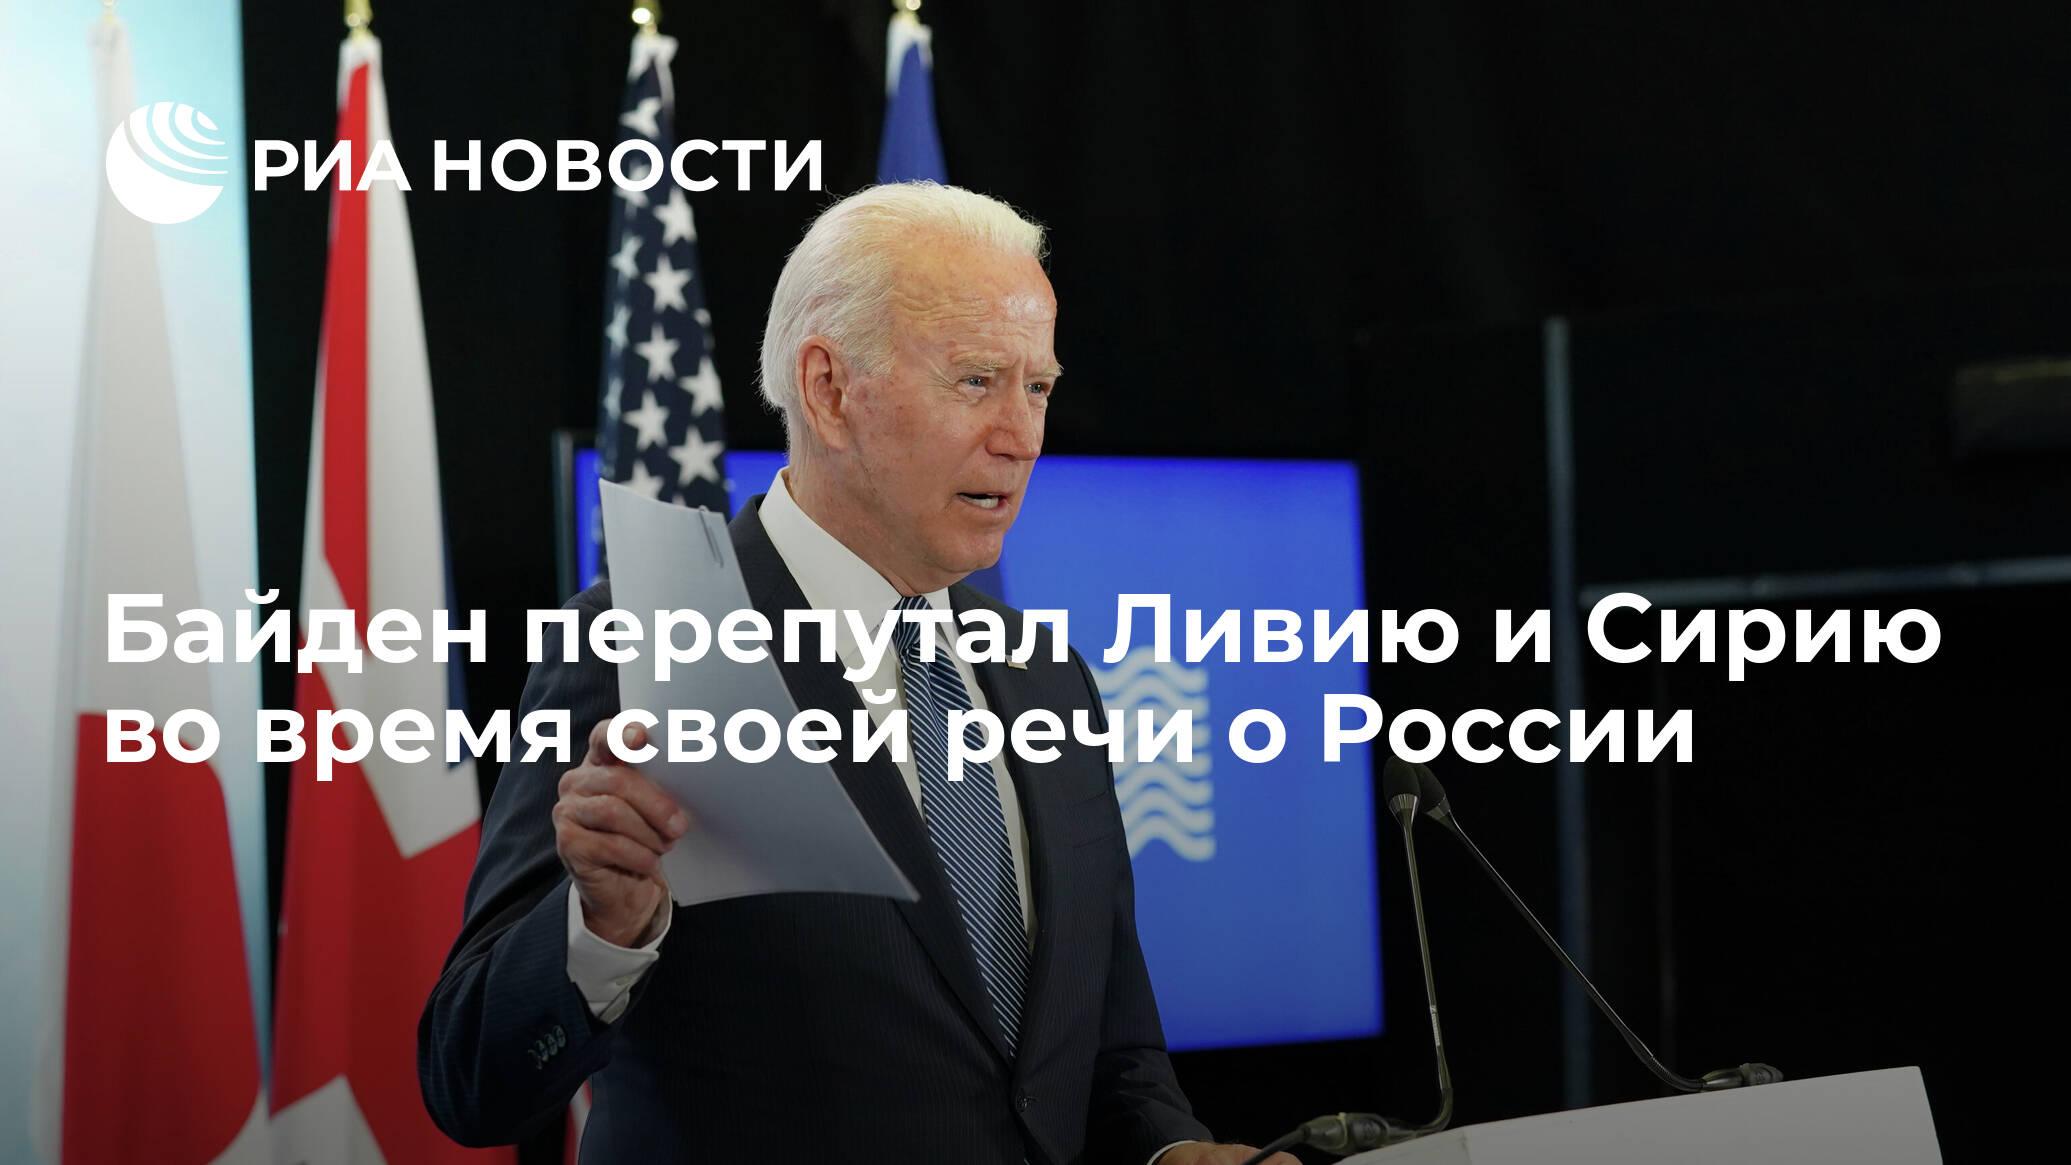 Байден перепутал Ливию и Сирию во время своей речи о России